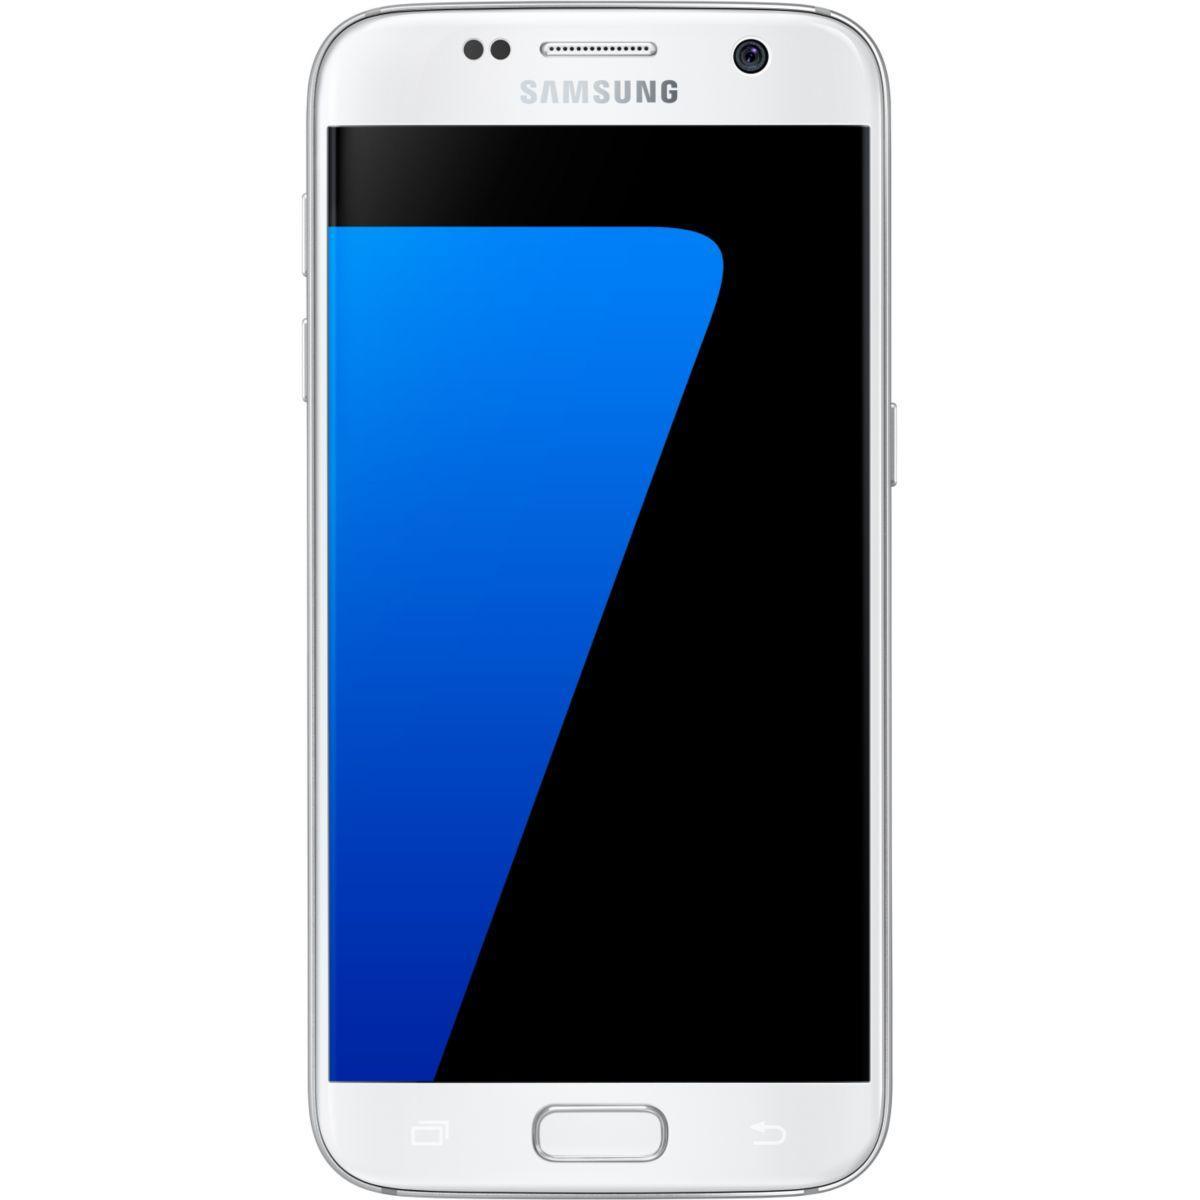 Pack promo smartphone samsung galaxy s7 32go blanc + caméra 360° samsung gear 360 - soldes et bonnes affaires à prix imbattables